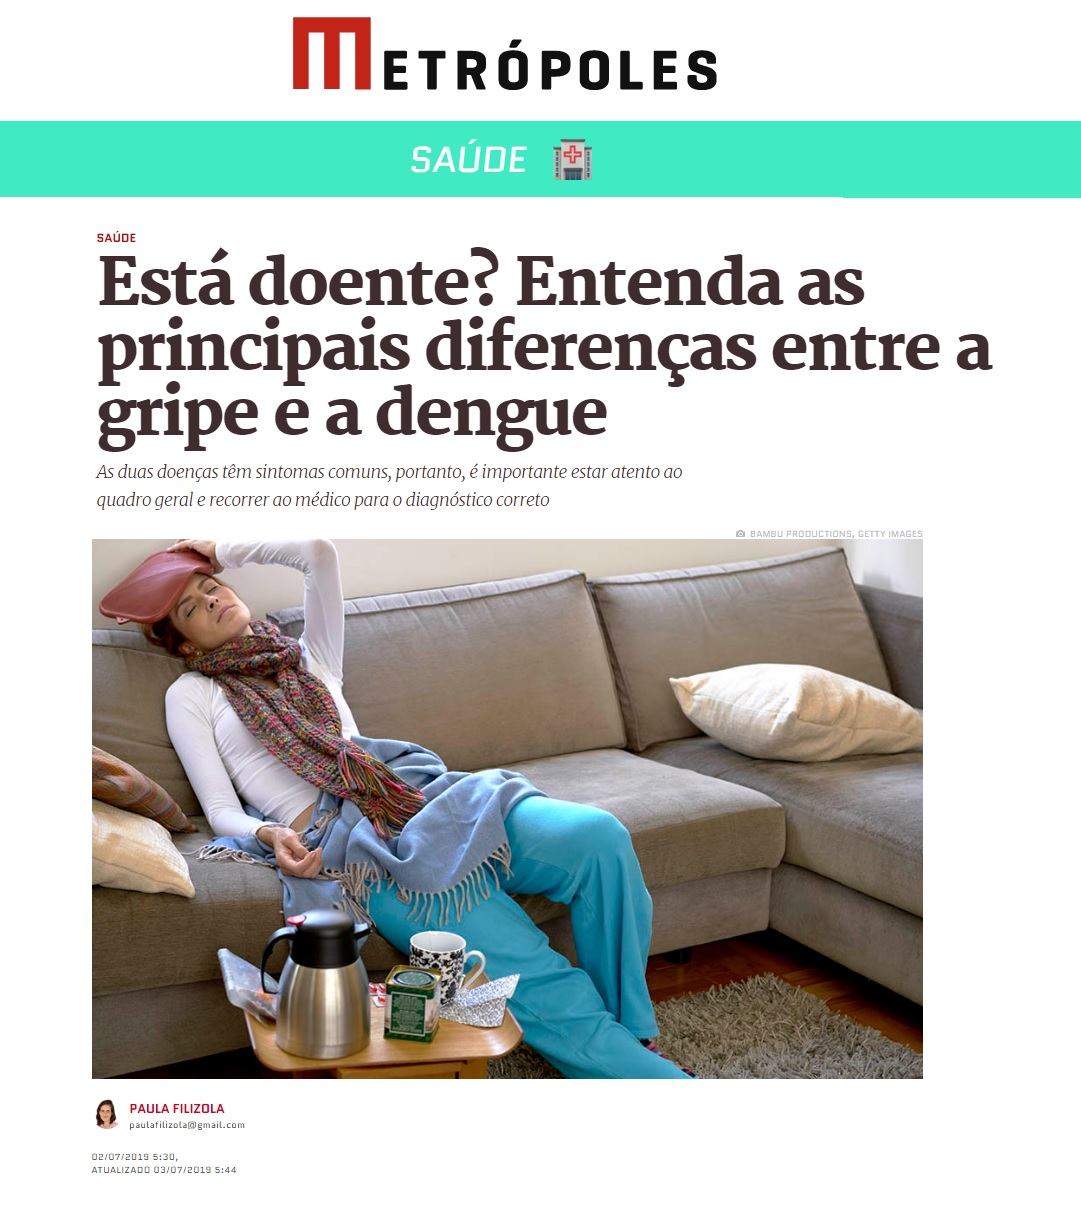 Metrópoles - Dr. Luciano Lourenço HSLS - 05-07-2019